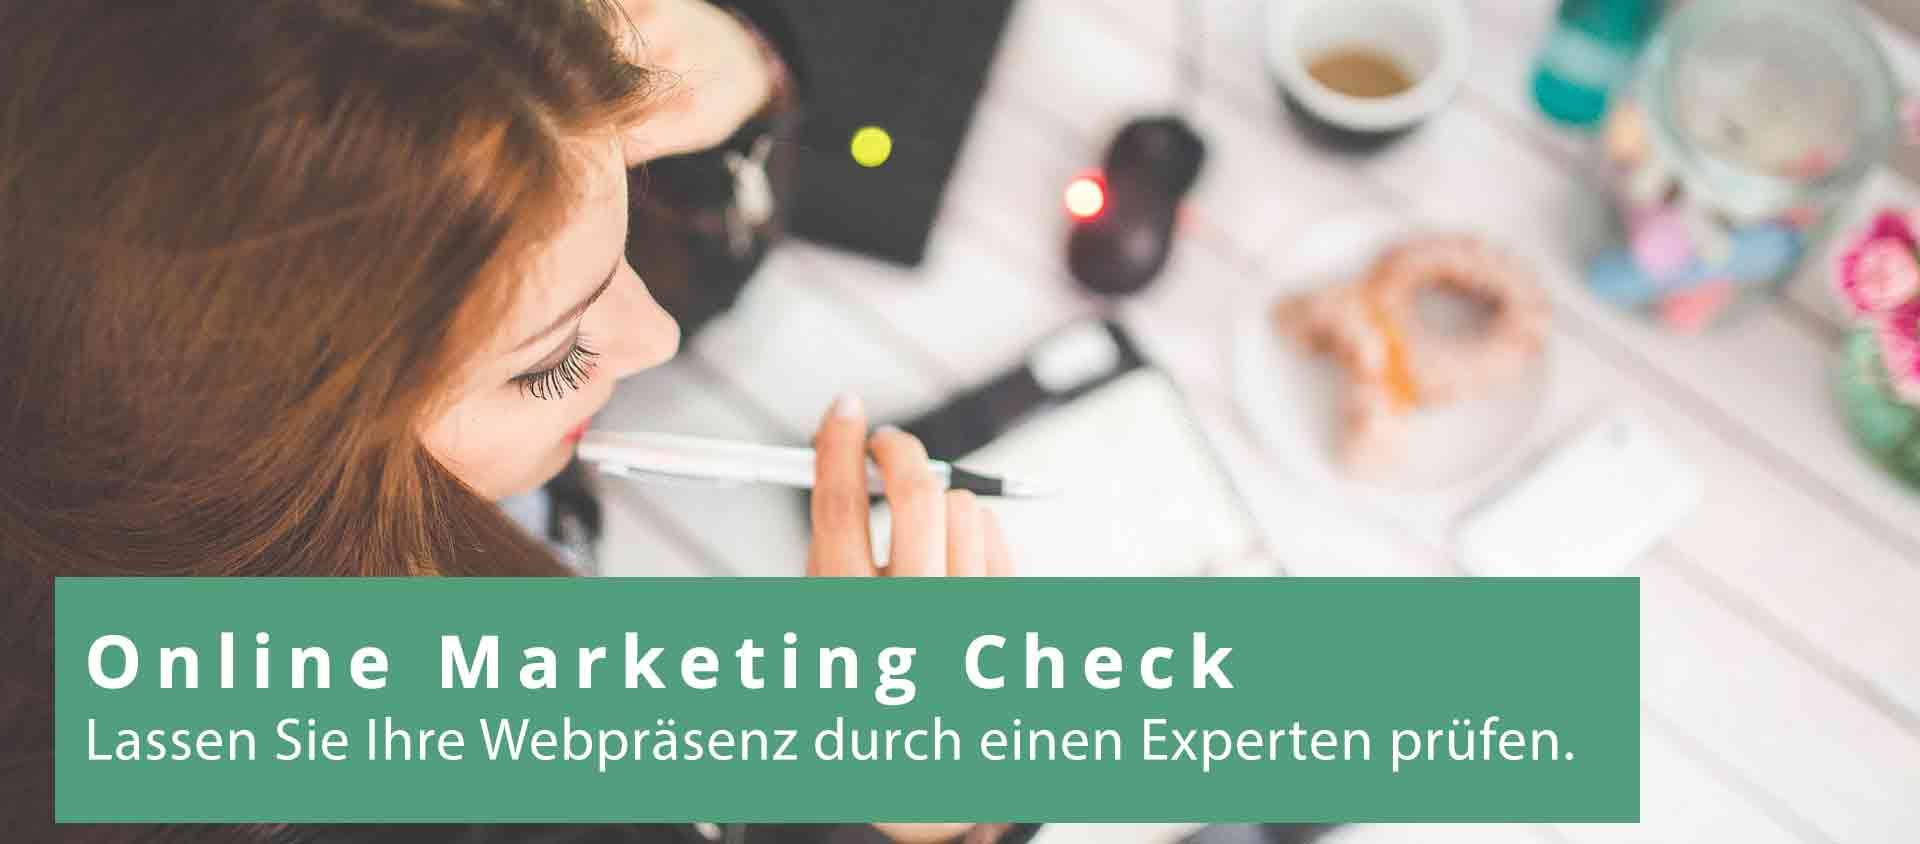 Online Marketing Check von mehr.digital